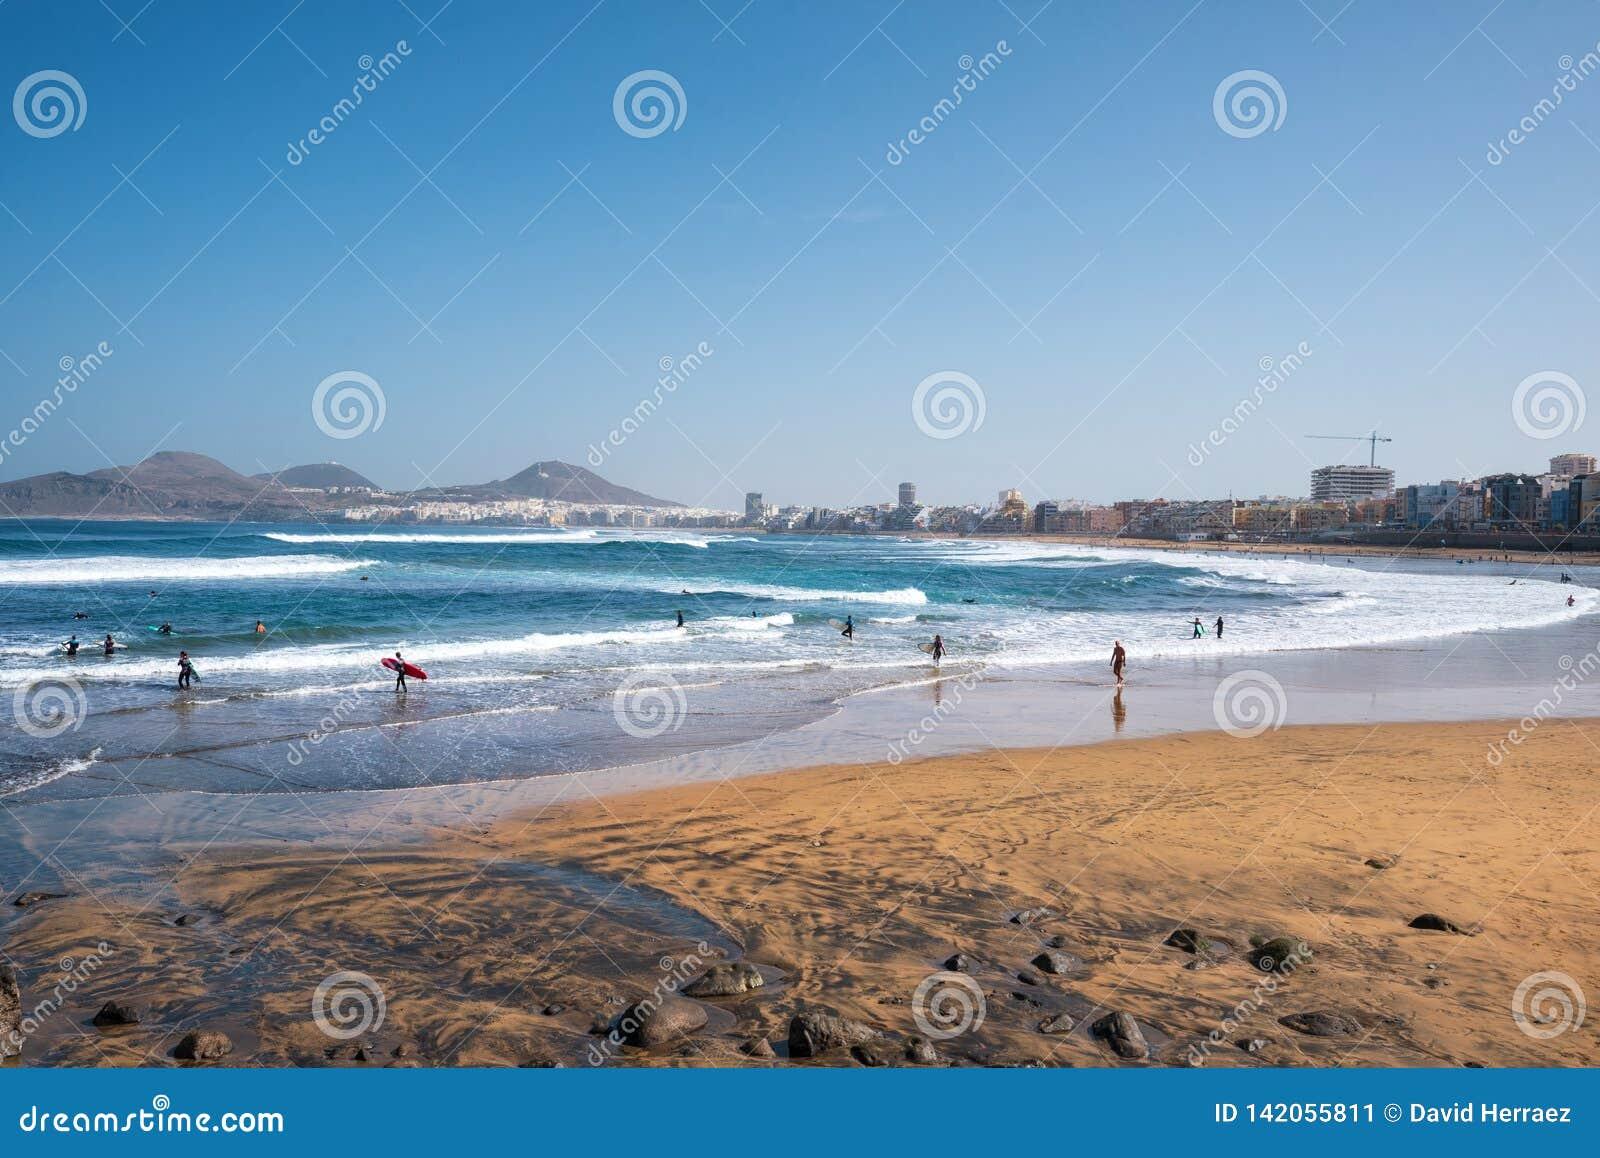 Las Palmas, Spanien - 3. März 2019: Surfer in Las-canteras setzen, Las Palmas de Gran Canaria Spanien auf den Strand